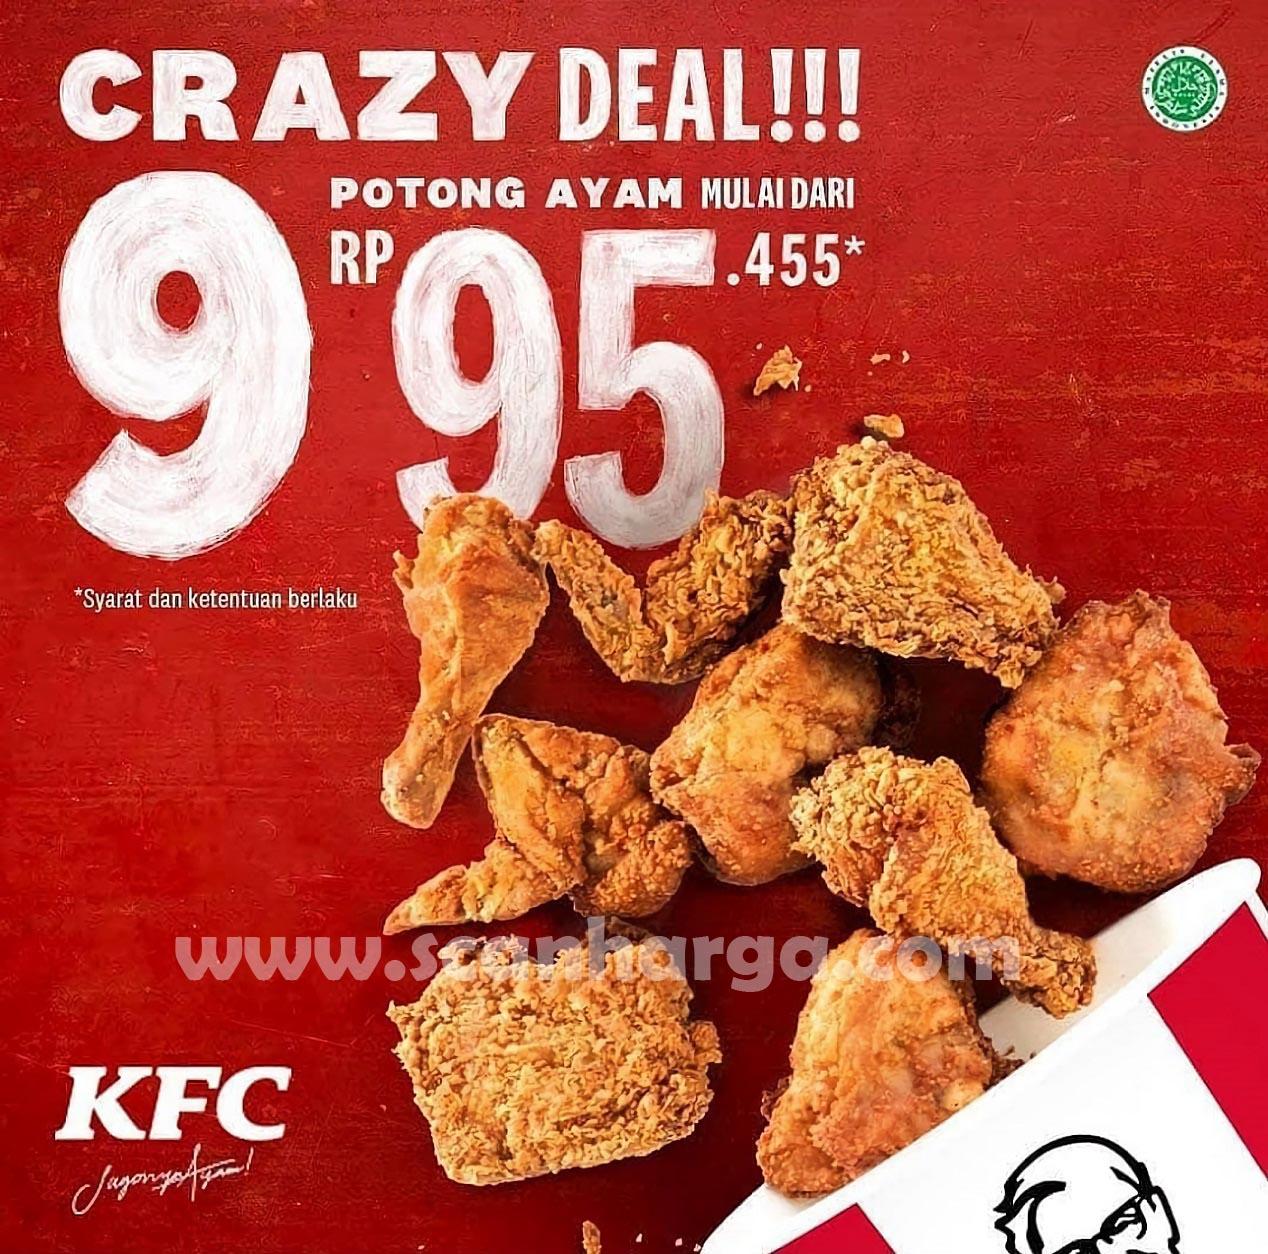 KFC CRAZY DEAL 9! Promo Beli 9 Potong Ayam mulai dari Rp 95.455